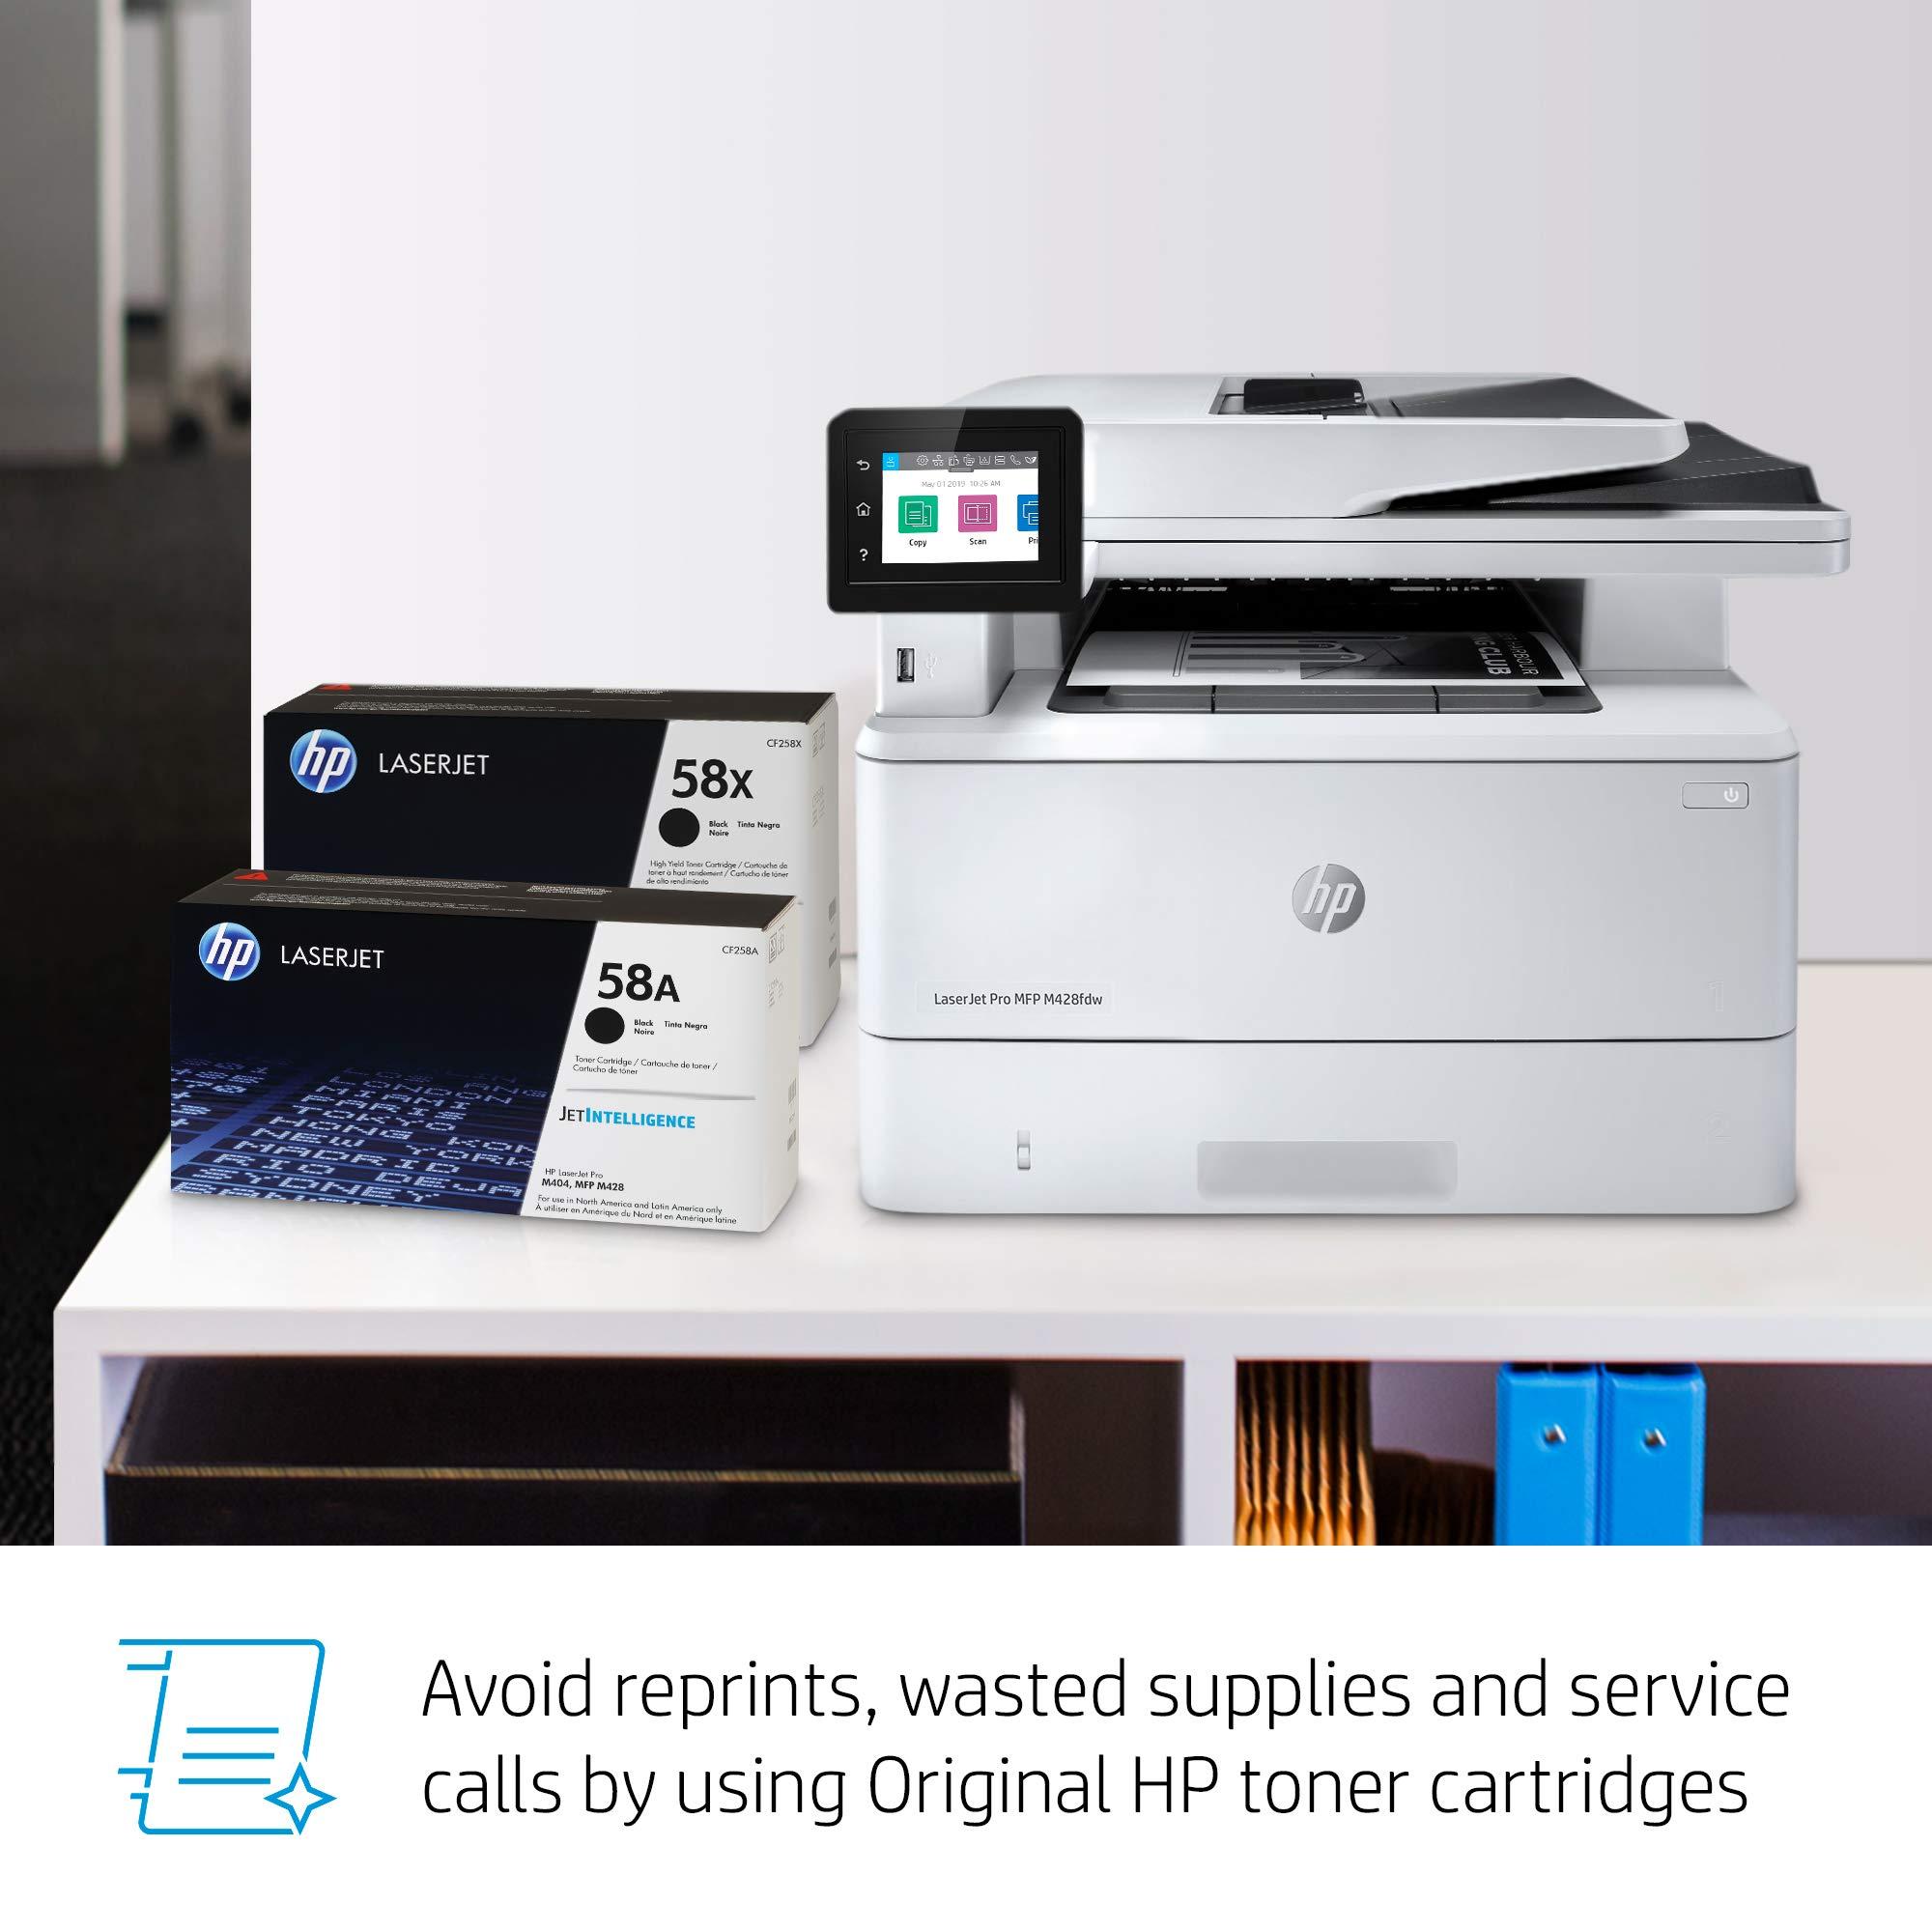 HP LaserJet Pro Multifunction M428fdw Wireless Laser Printer (W1A30A) by HP (Image #13)